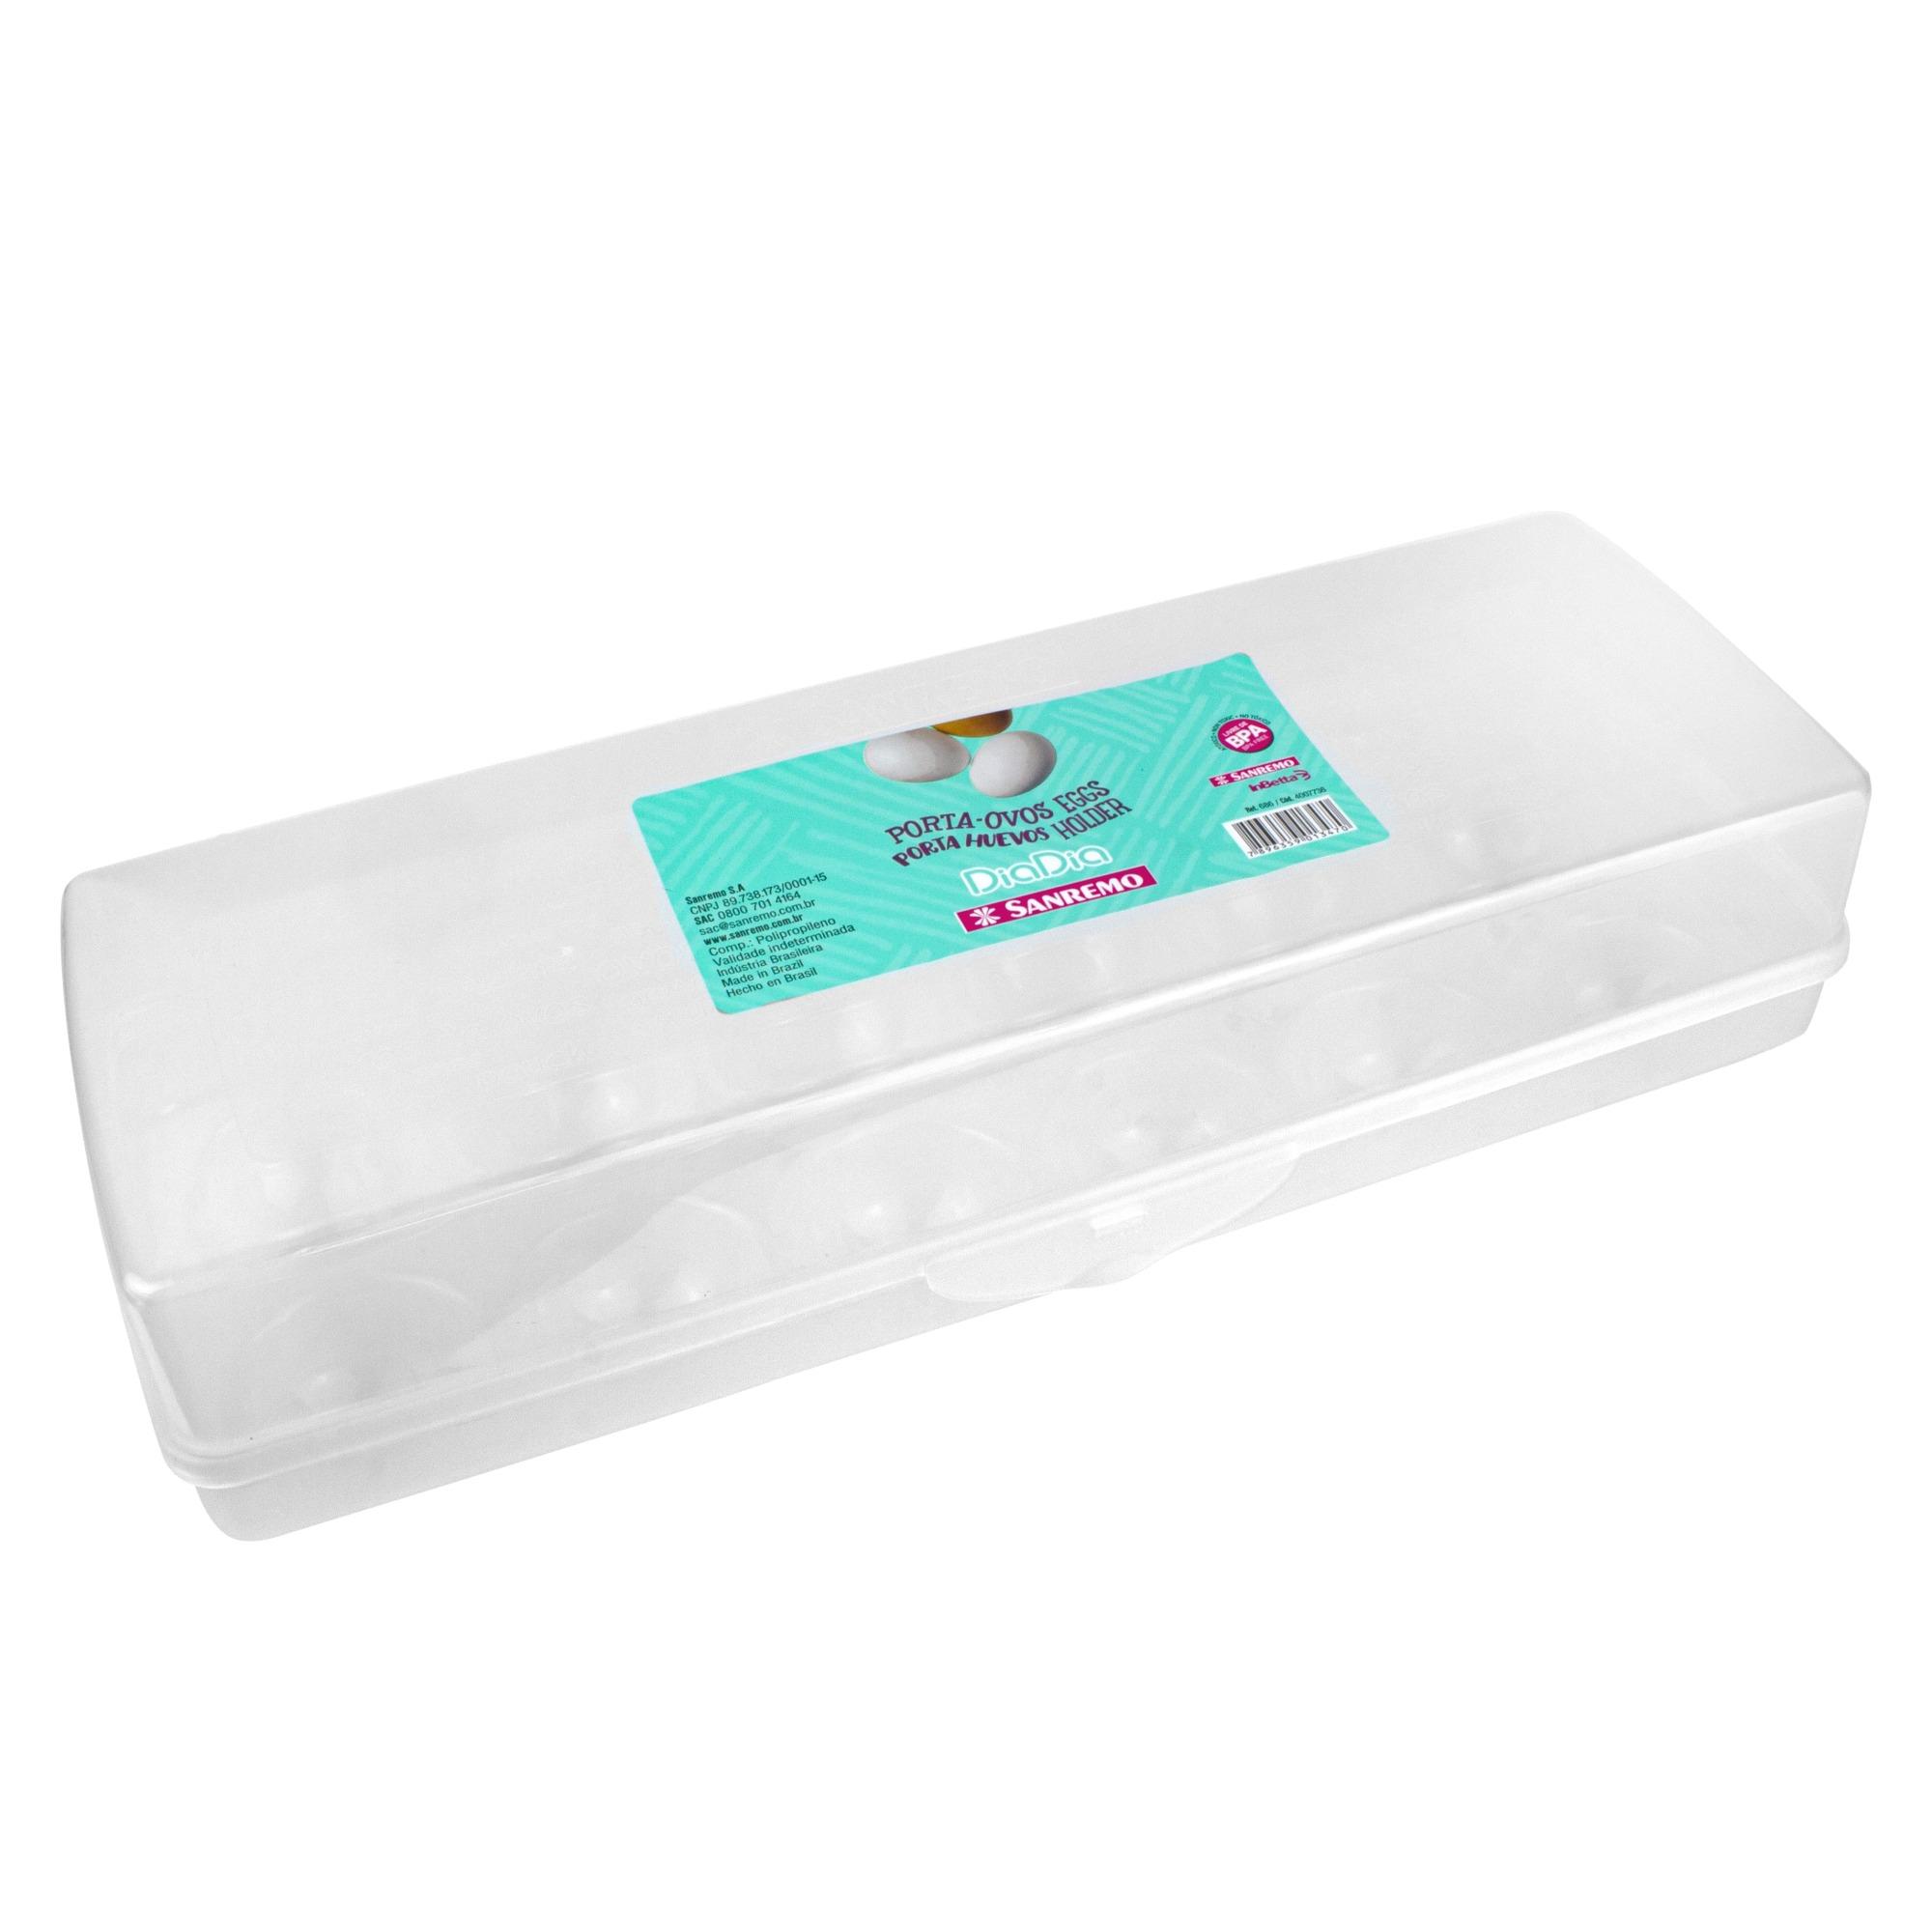 Porta Ovos de Plastico 276x104x72cm Incolor- Sanremo